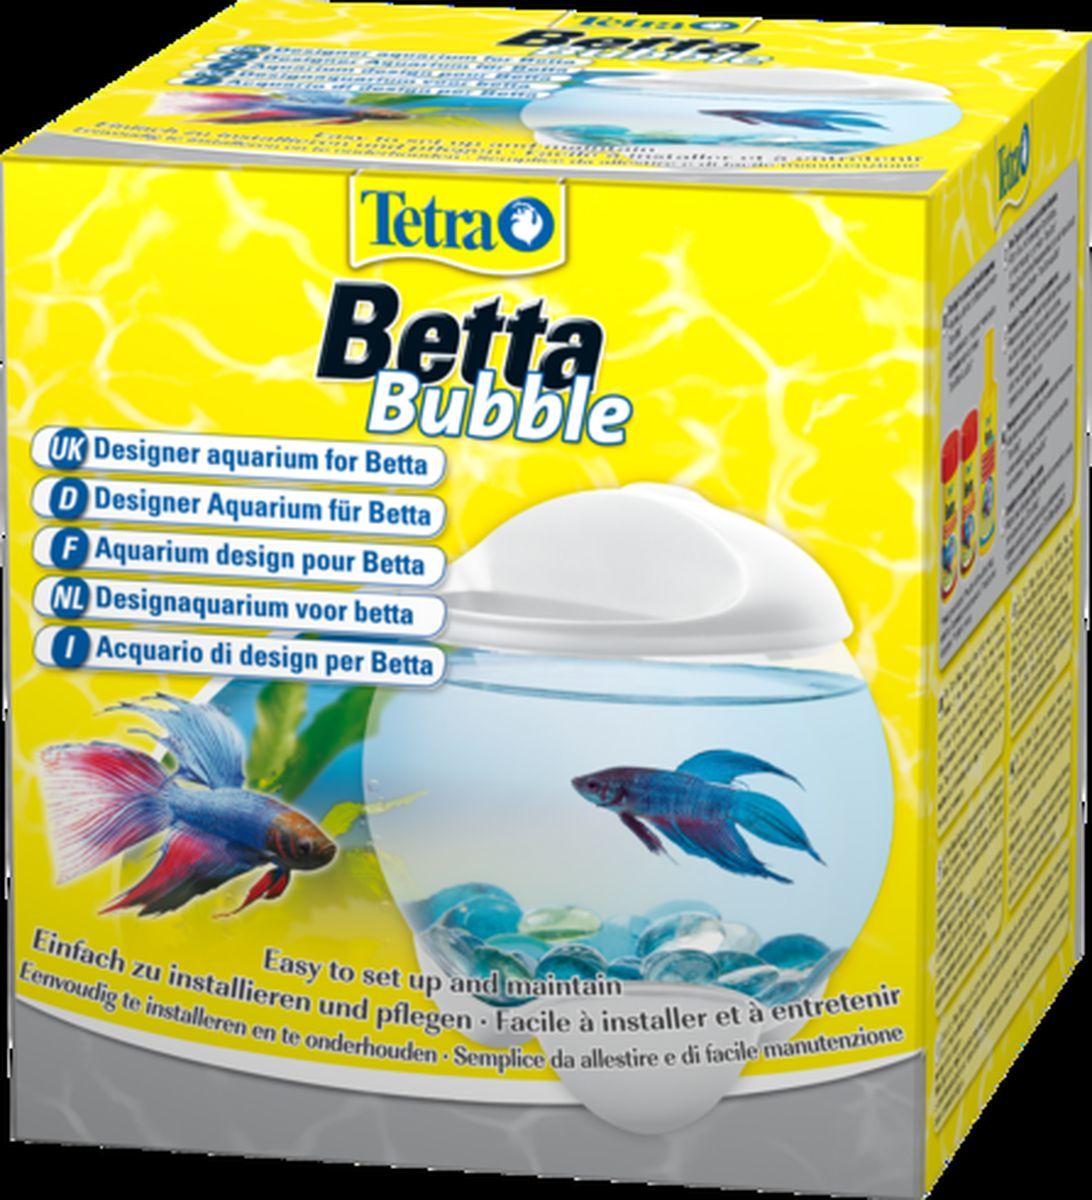 Аквариум-шар для петушков Tetra  Betta Bubble  с освещением, цвет: белый, 1,8 л